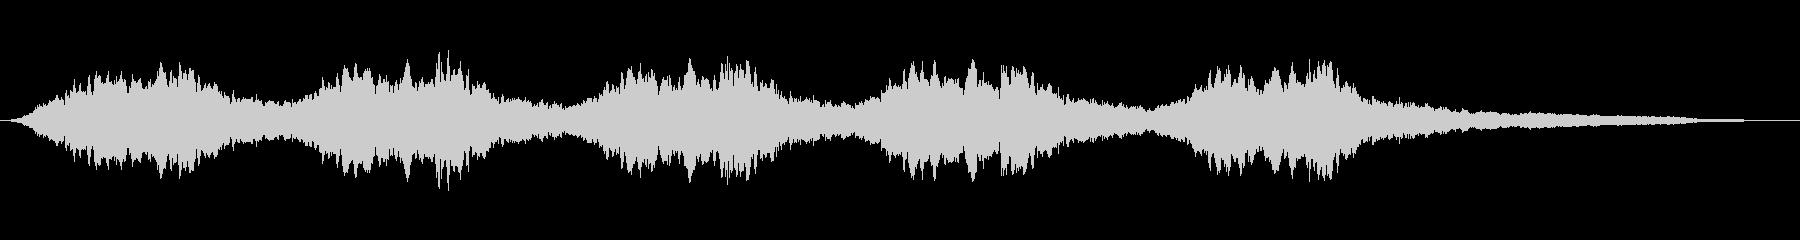 空襲サイレン:ロングブラスト、エン...の未再生の波形